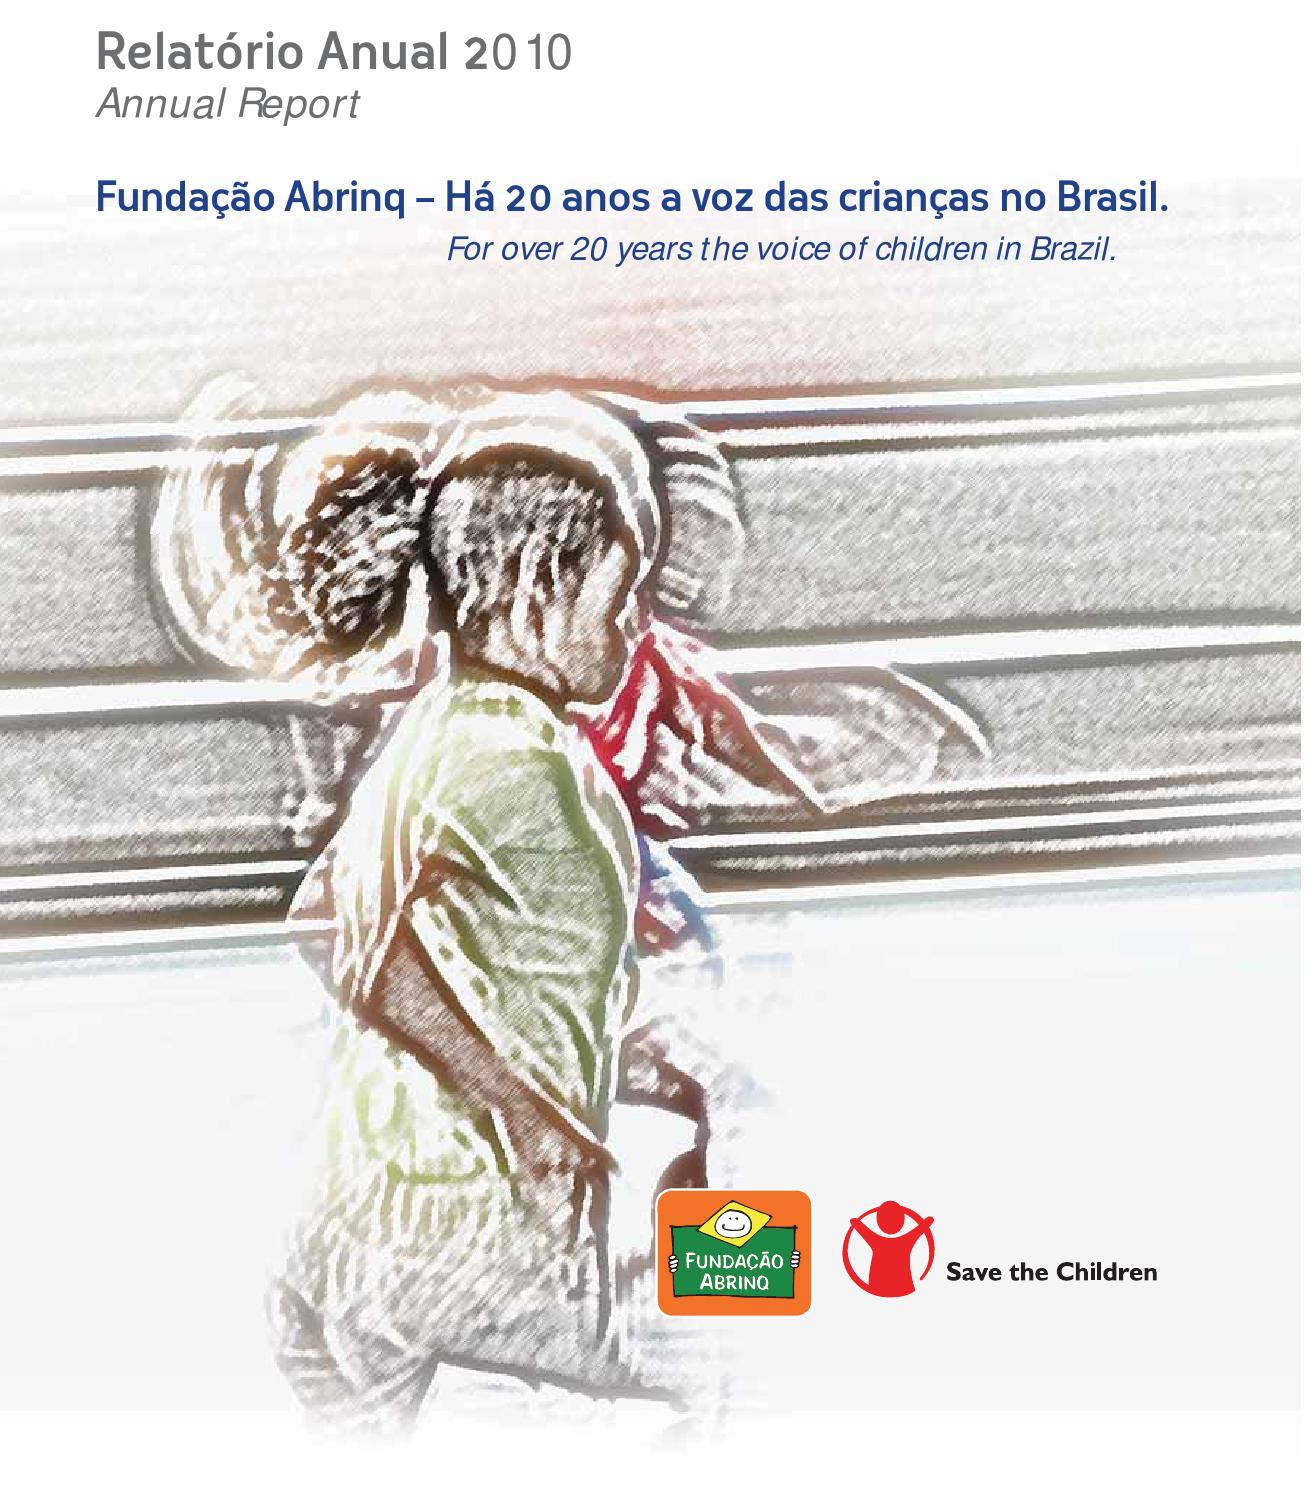 3fb90fc96 Relatorio Anual 2010 - Fundação Abrinq by Fundação Abrinq - issuu